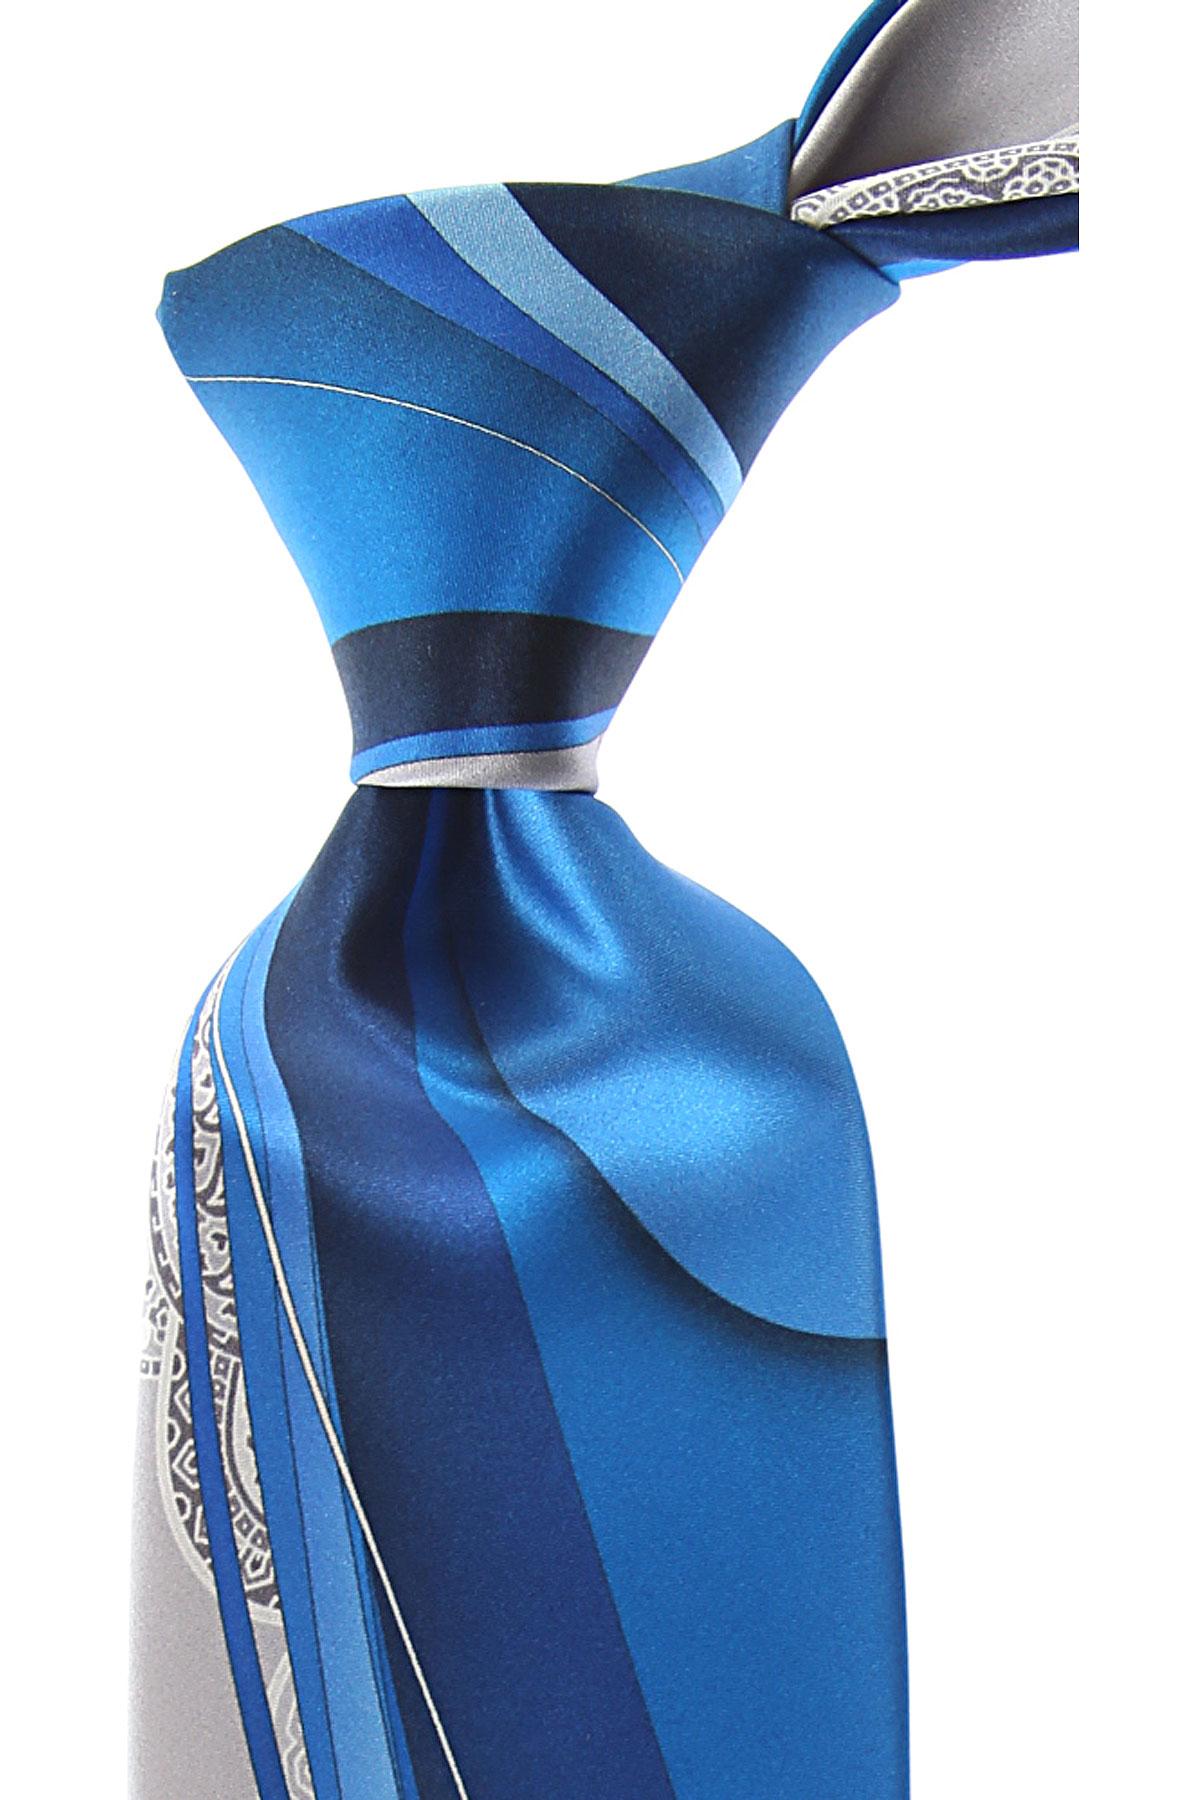 Vitaliano Pancaldi Cravates Pas cher en Soldes, Bleu électrique, Soie, 2017